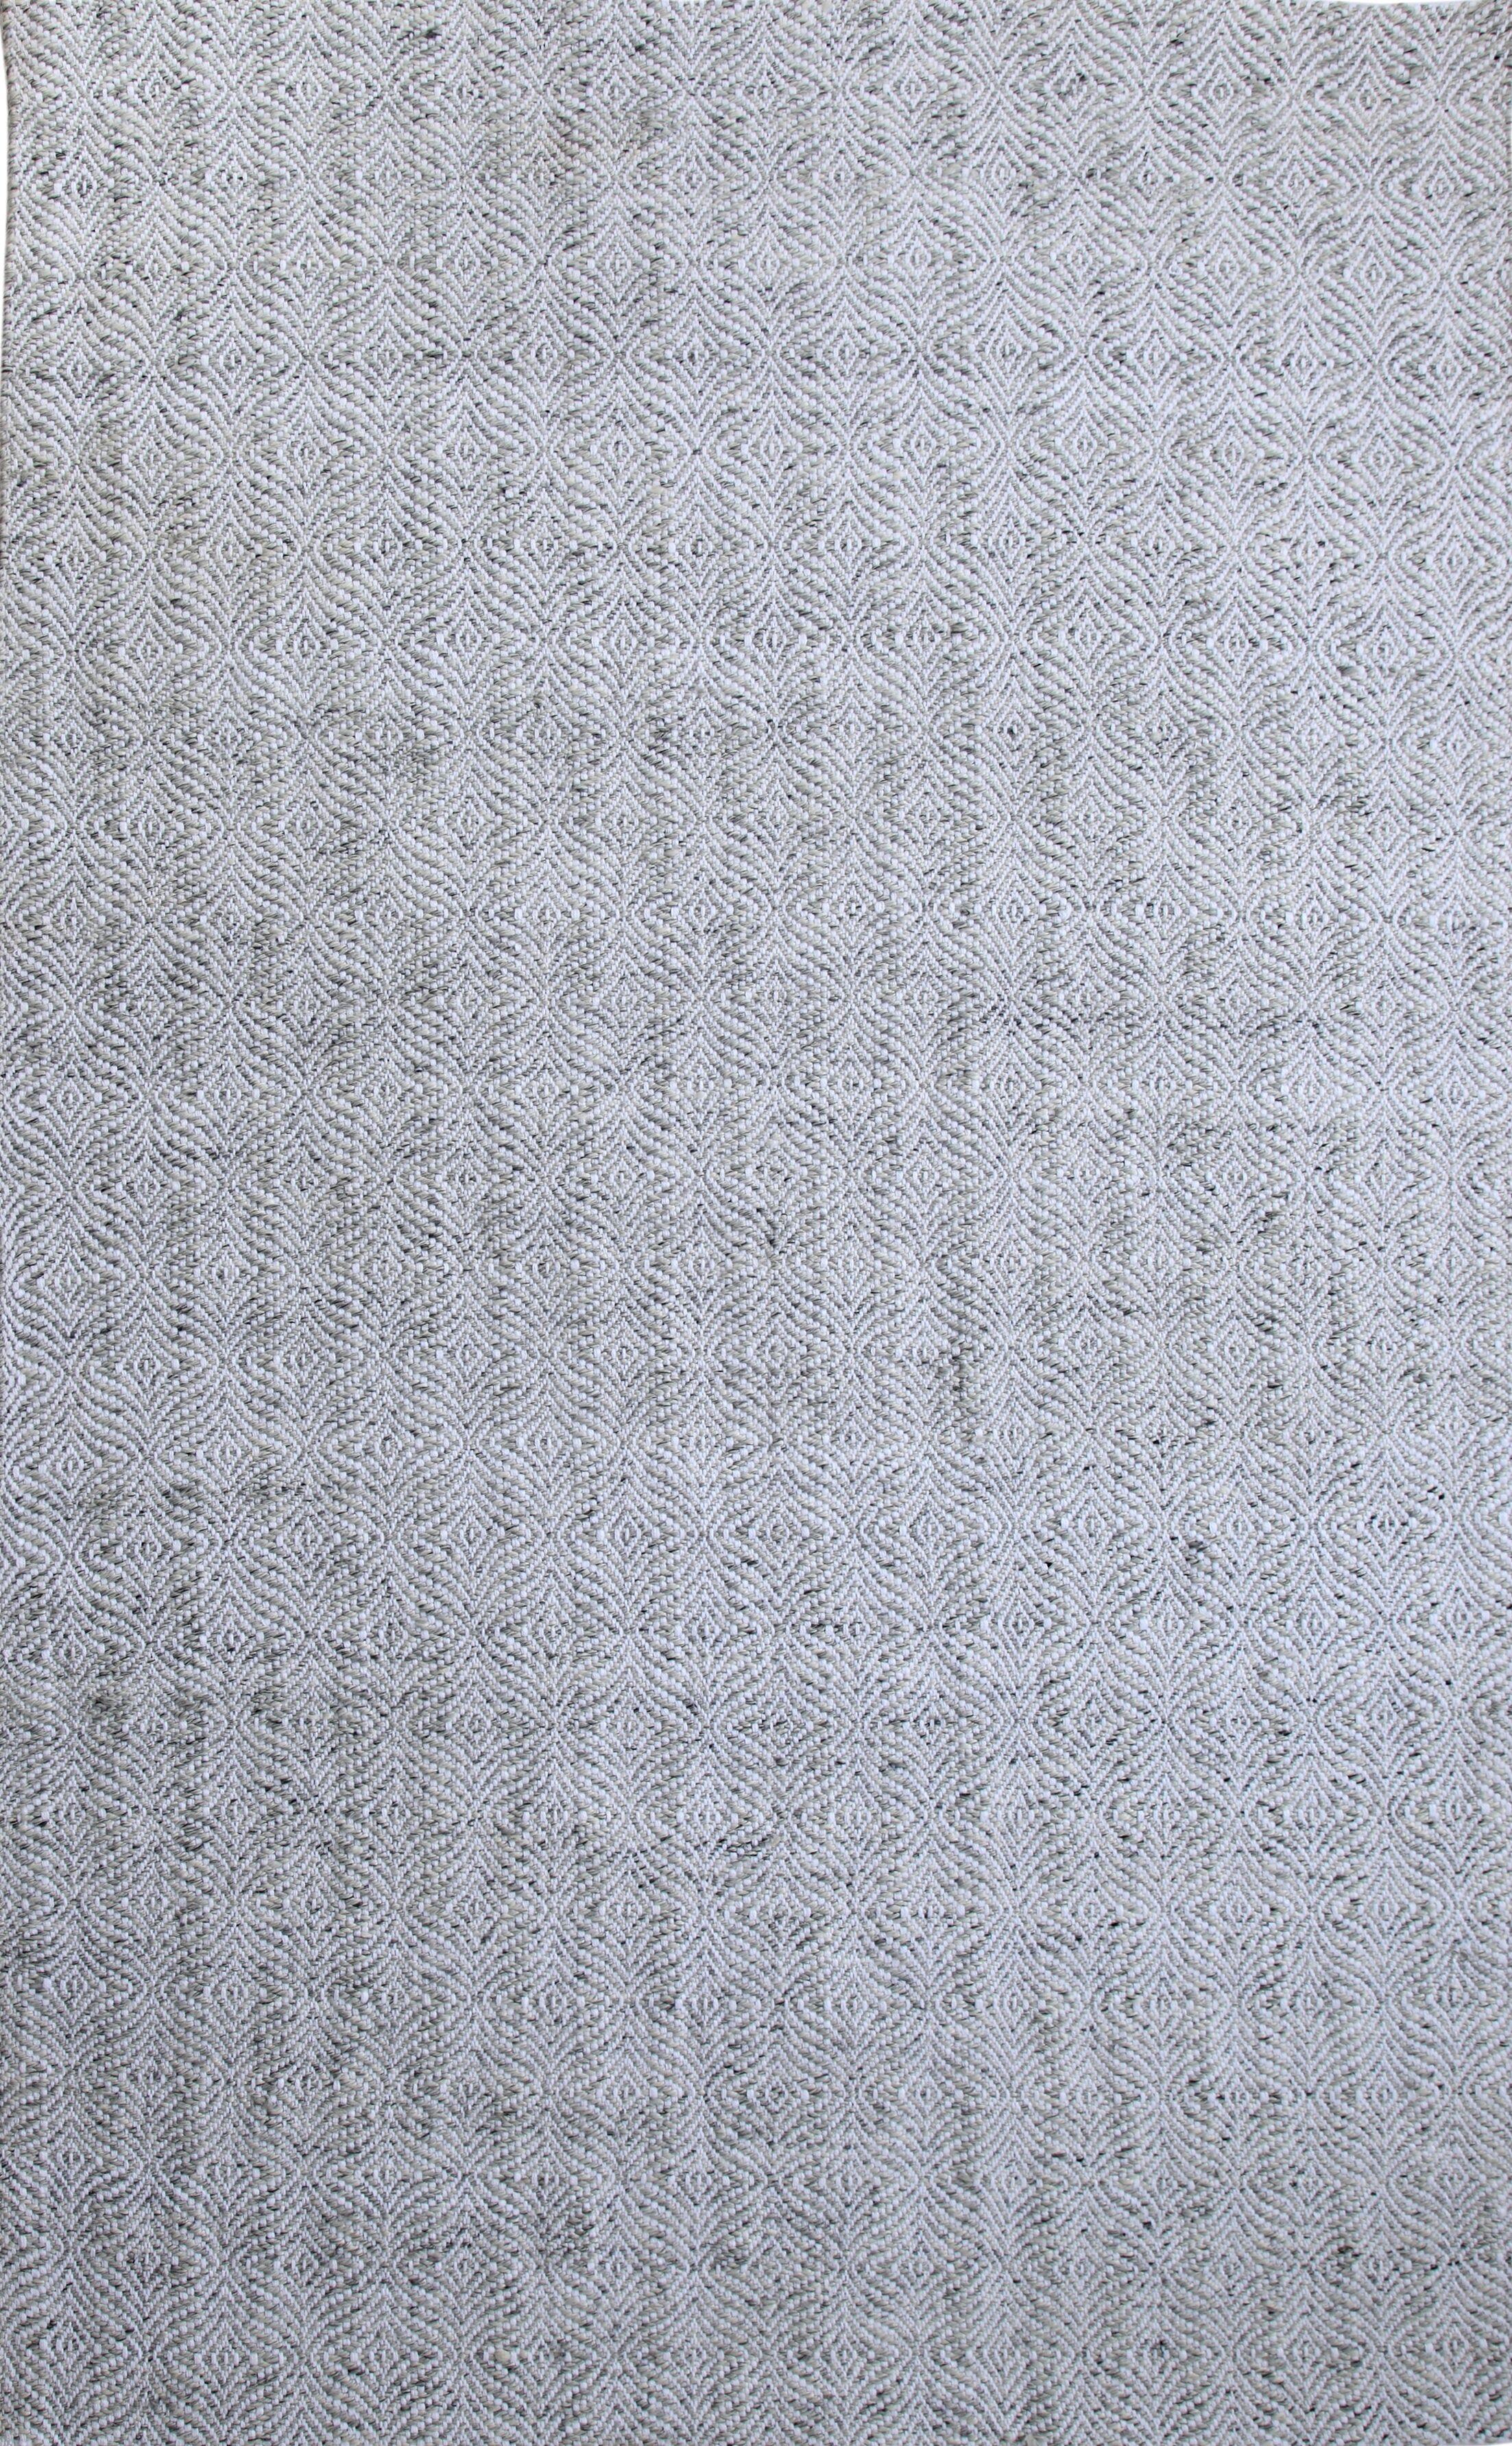 Elbridge Hand-Woven Gray/Ivory Area Rug Rug Size: Rectangle 5' x 8'